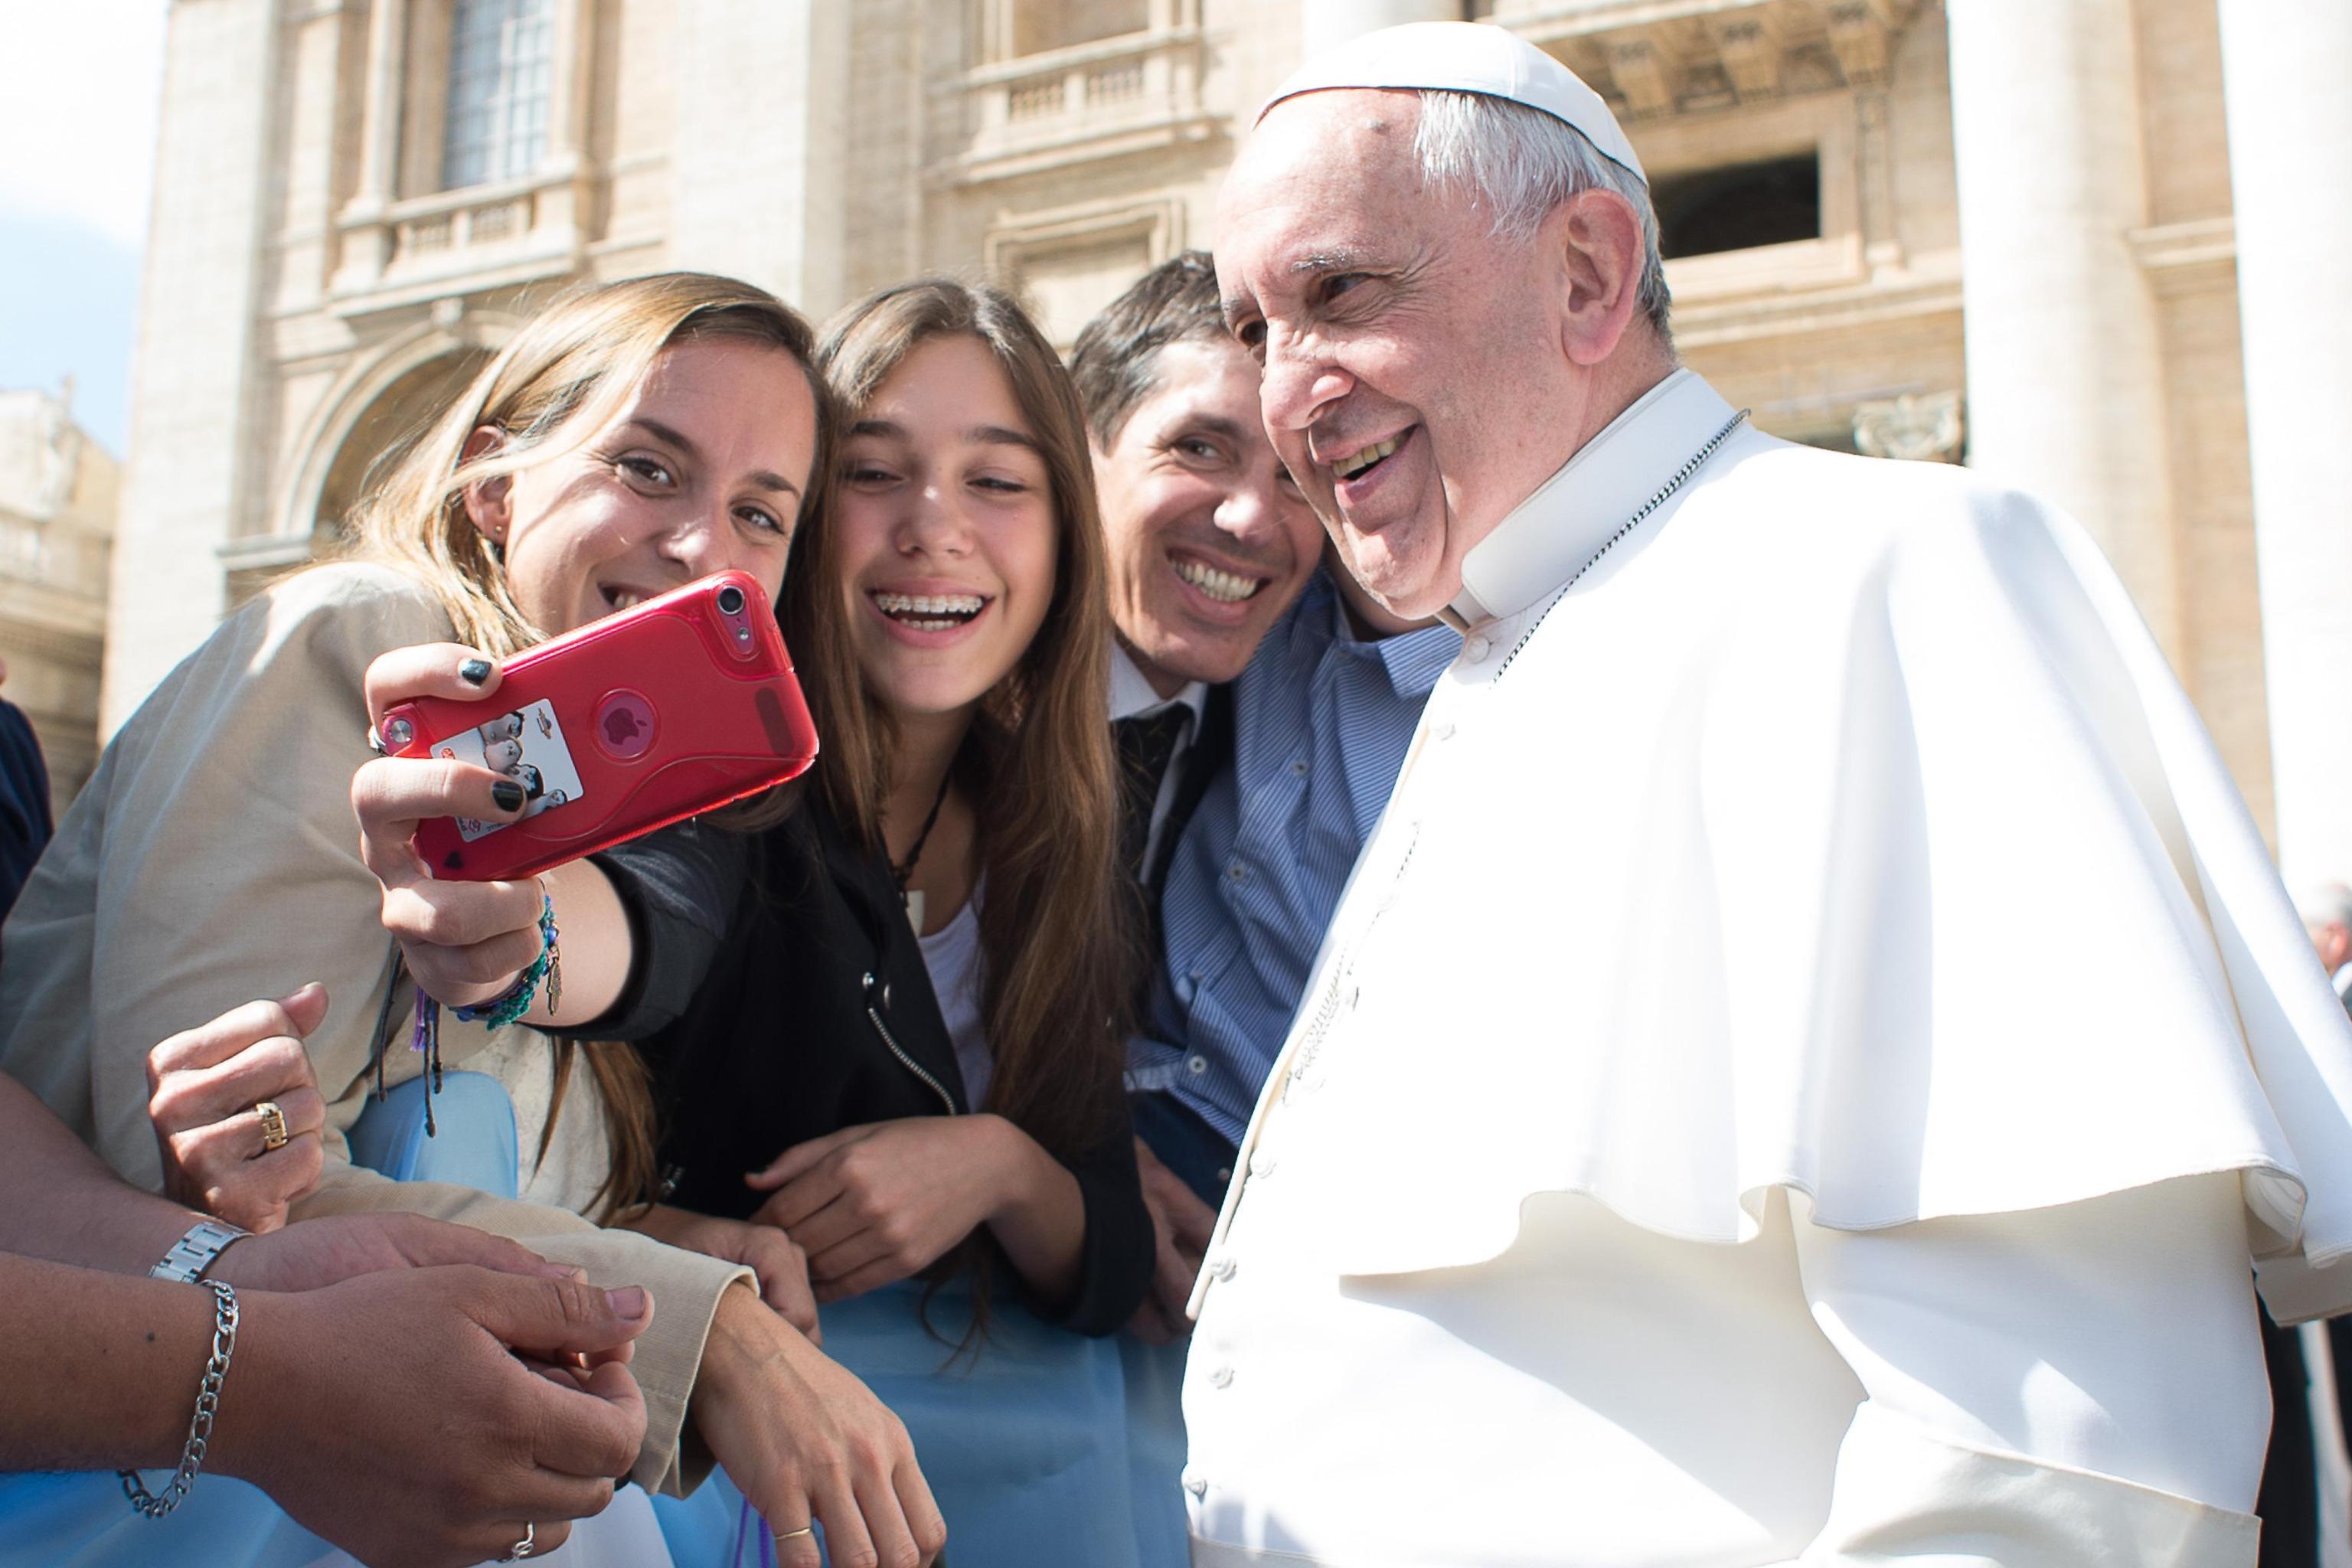 Papa Francesco preoccupato per i giovani: 'Troppi selfie, non gli interessa stringermi la mano'